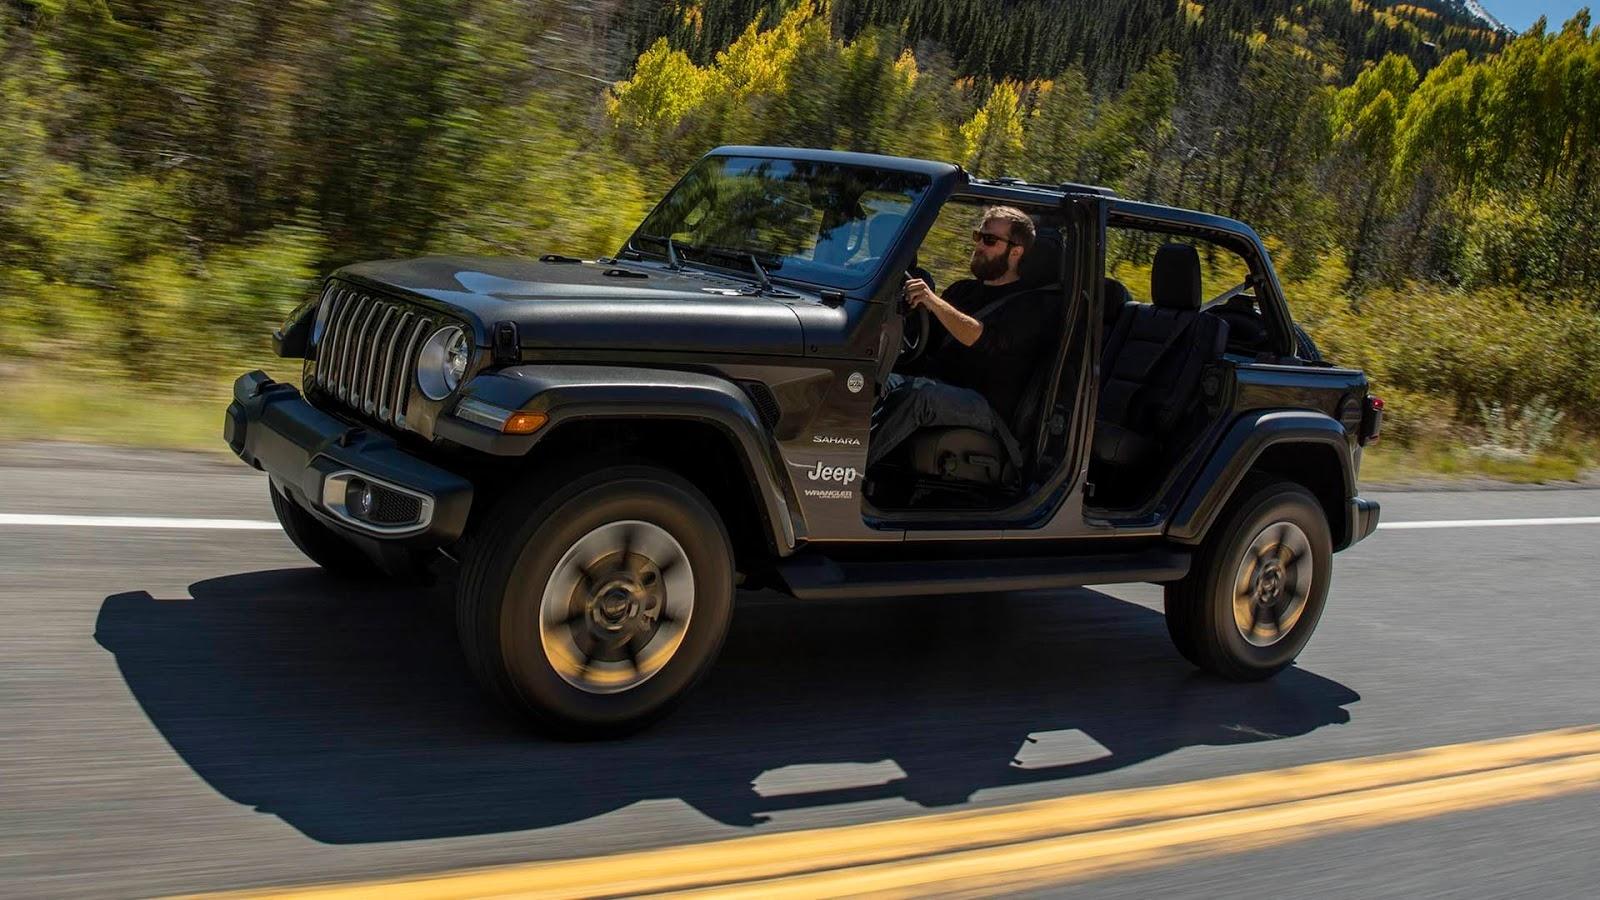 S0-le-nouveau-jeep-wrangler-passe-a-l-hybride-537400